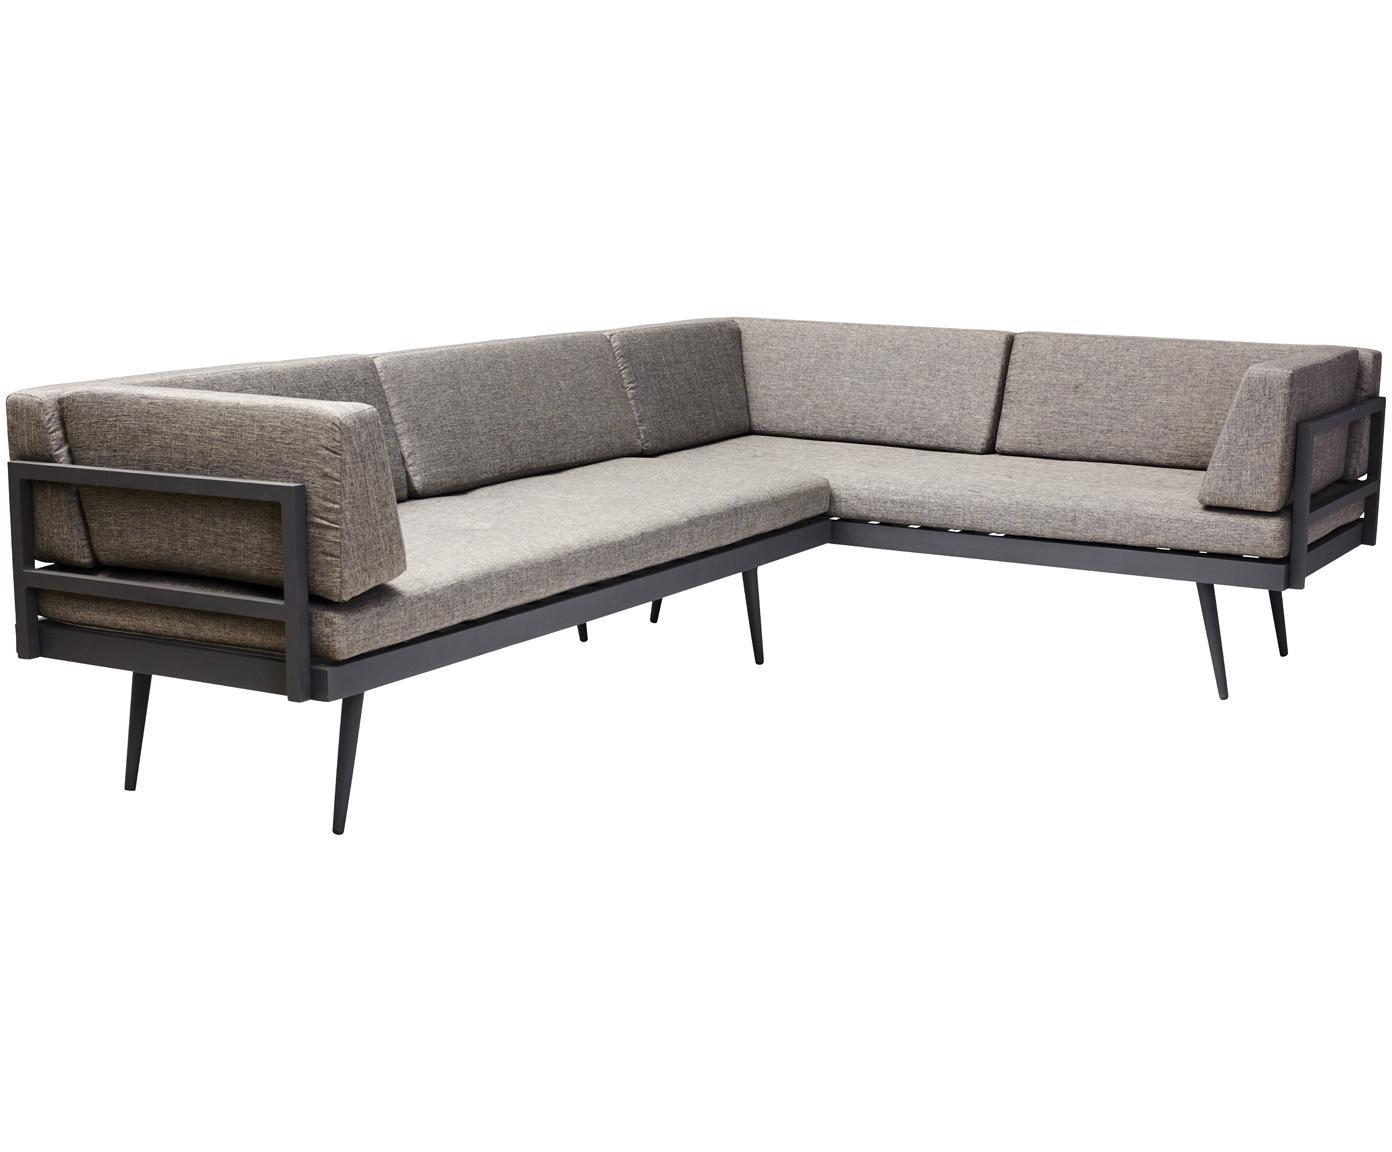 Sofa ogrodowa modułowa Rio, Stelaż: aluminium malowane proszk, Brązowy, antracytowy, S 283 x W 80 cm